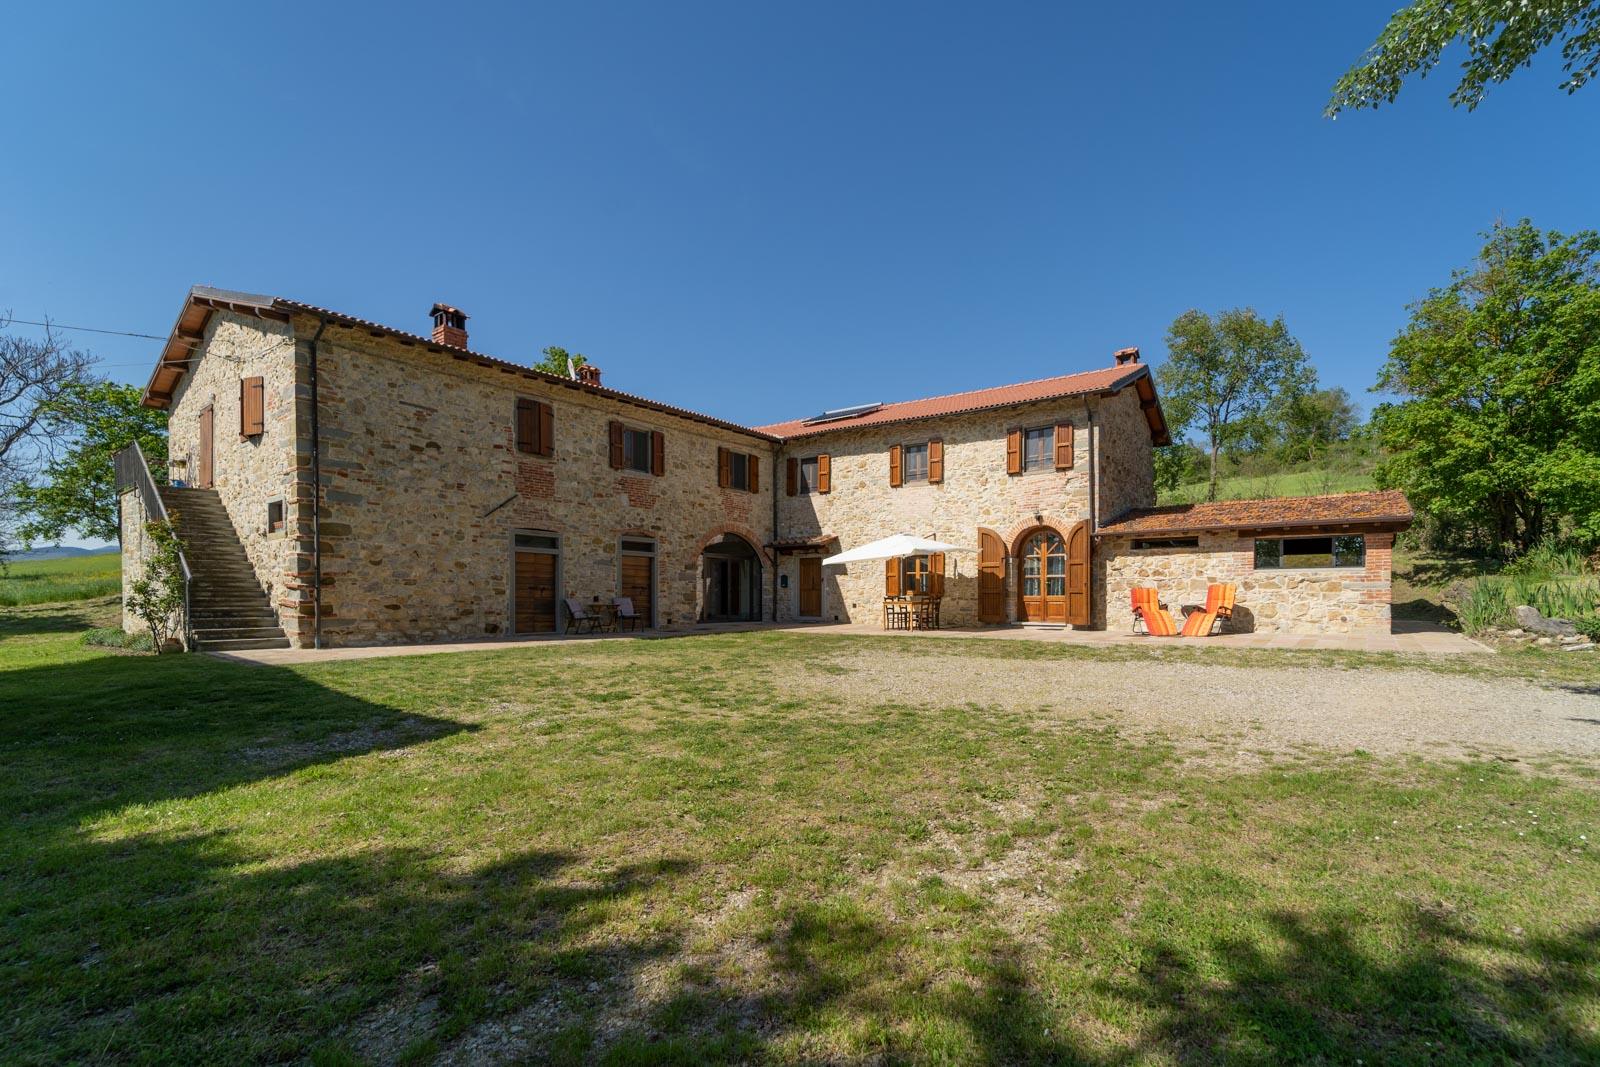 Tipico casale toscano in pietra naturale in posizione panoramica sulle colline del Casentino